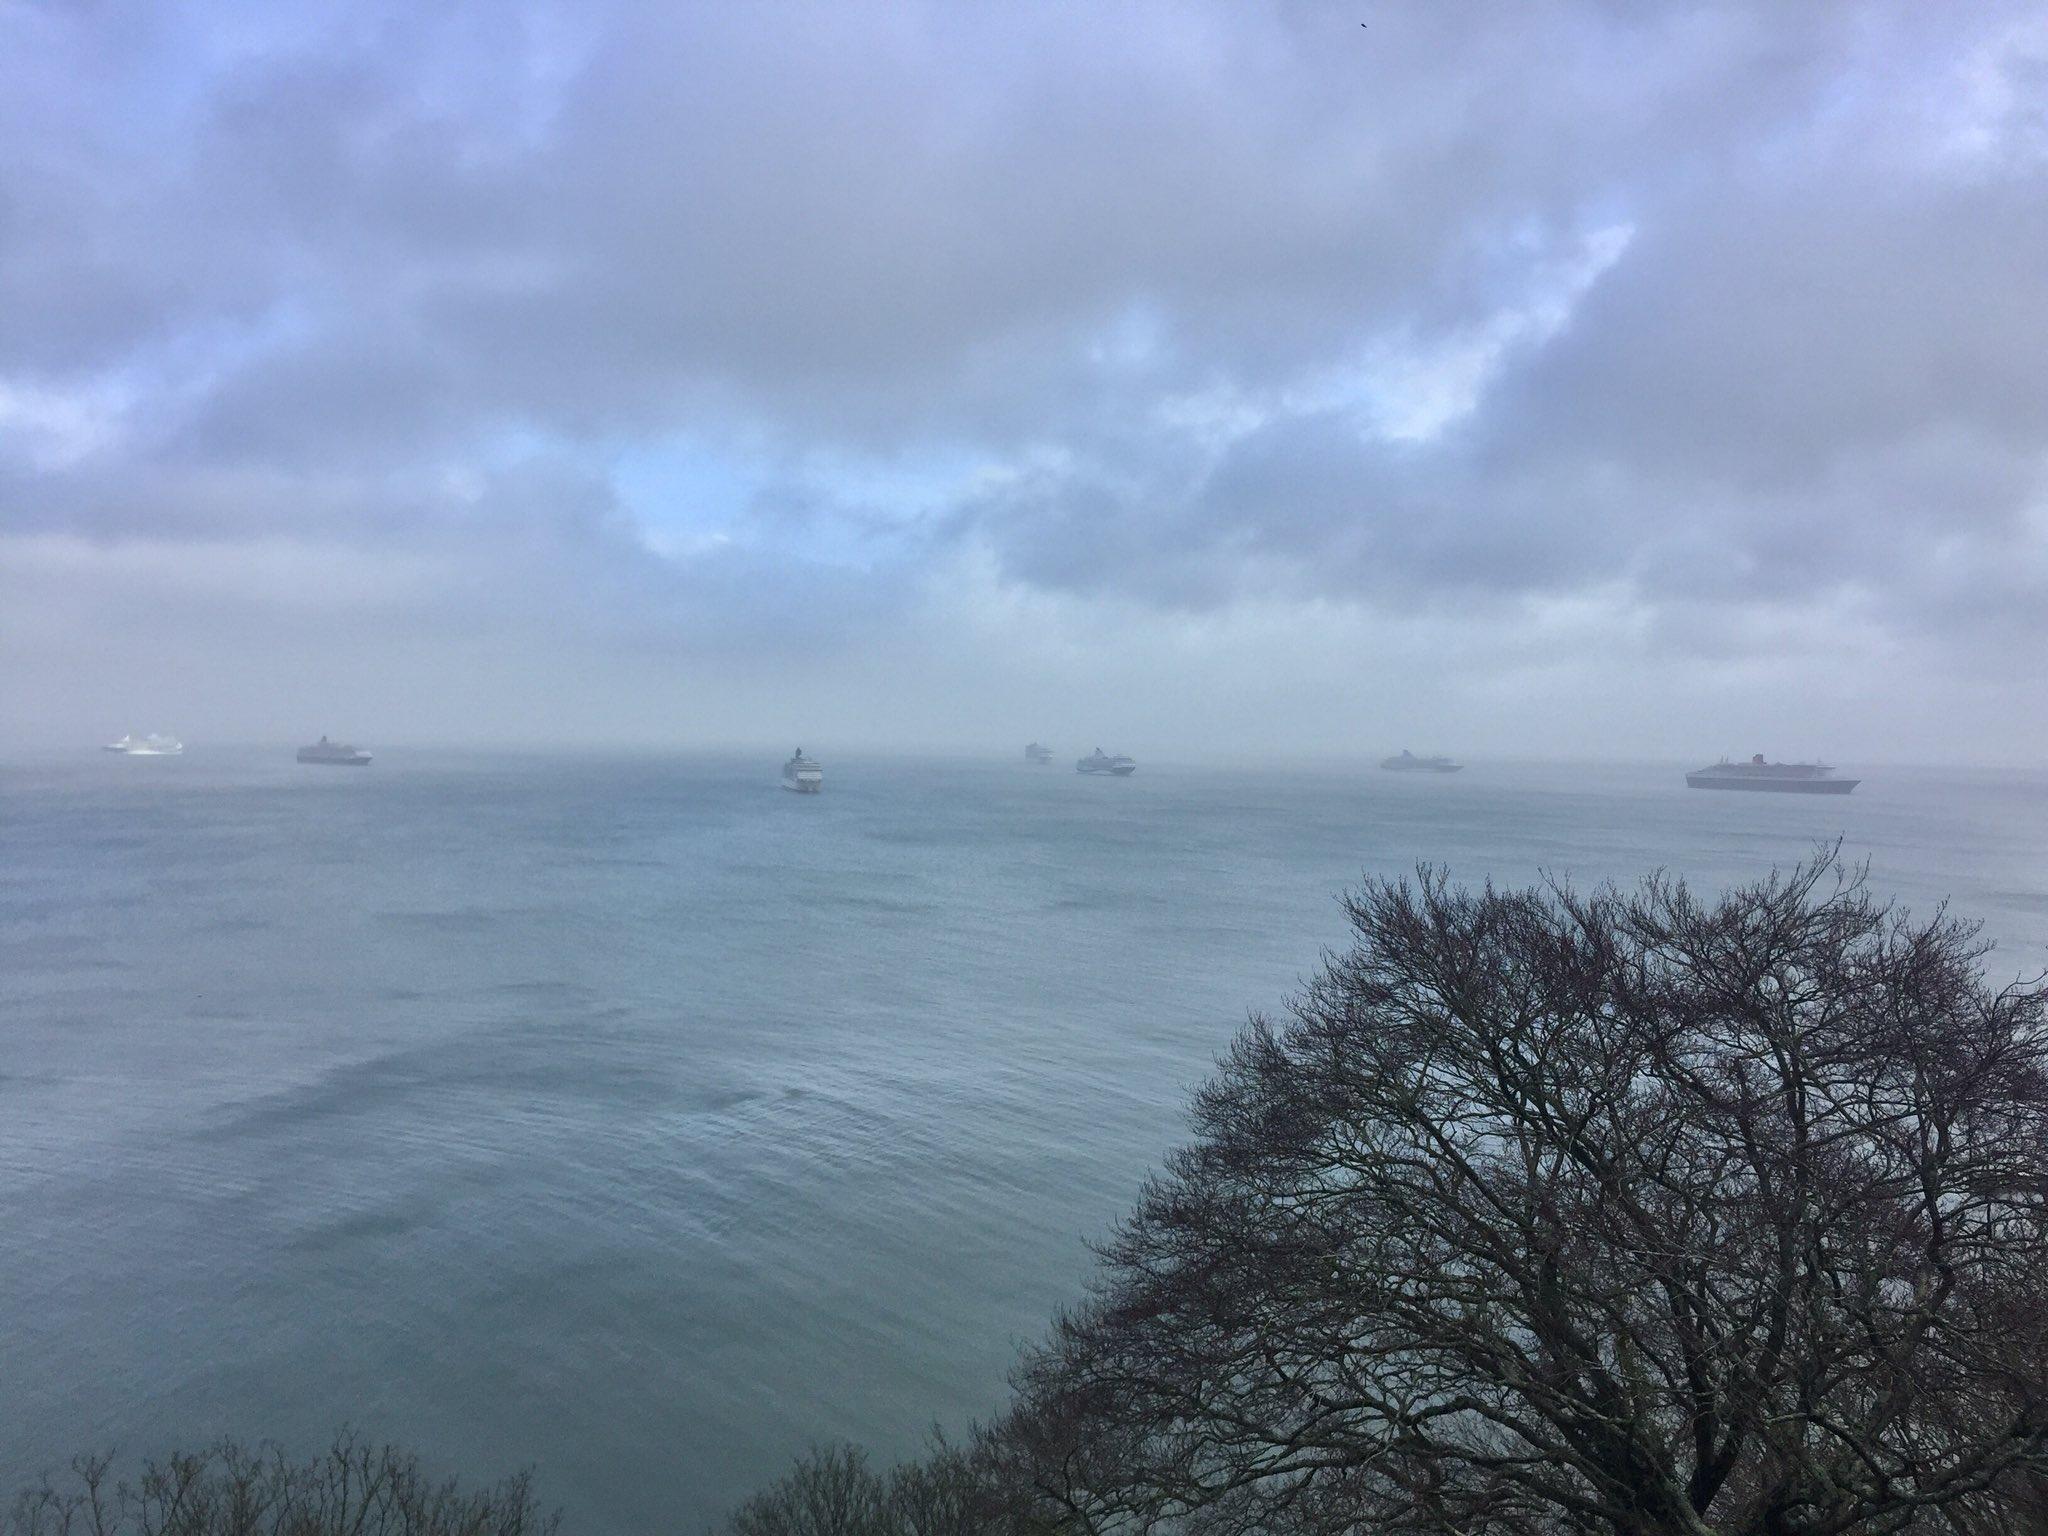 Cruiseschepen voor de kust bij het Britse Torquay (Foto: Twitter/CharlieBhoy)